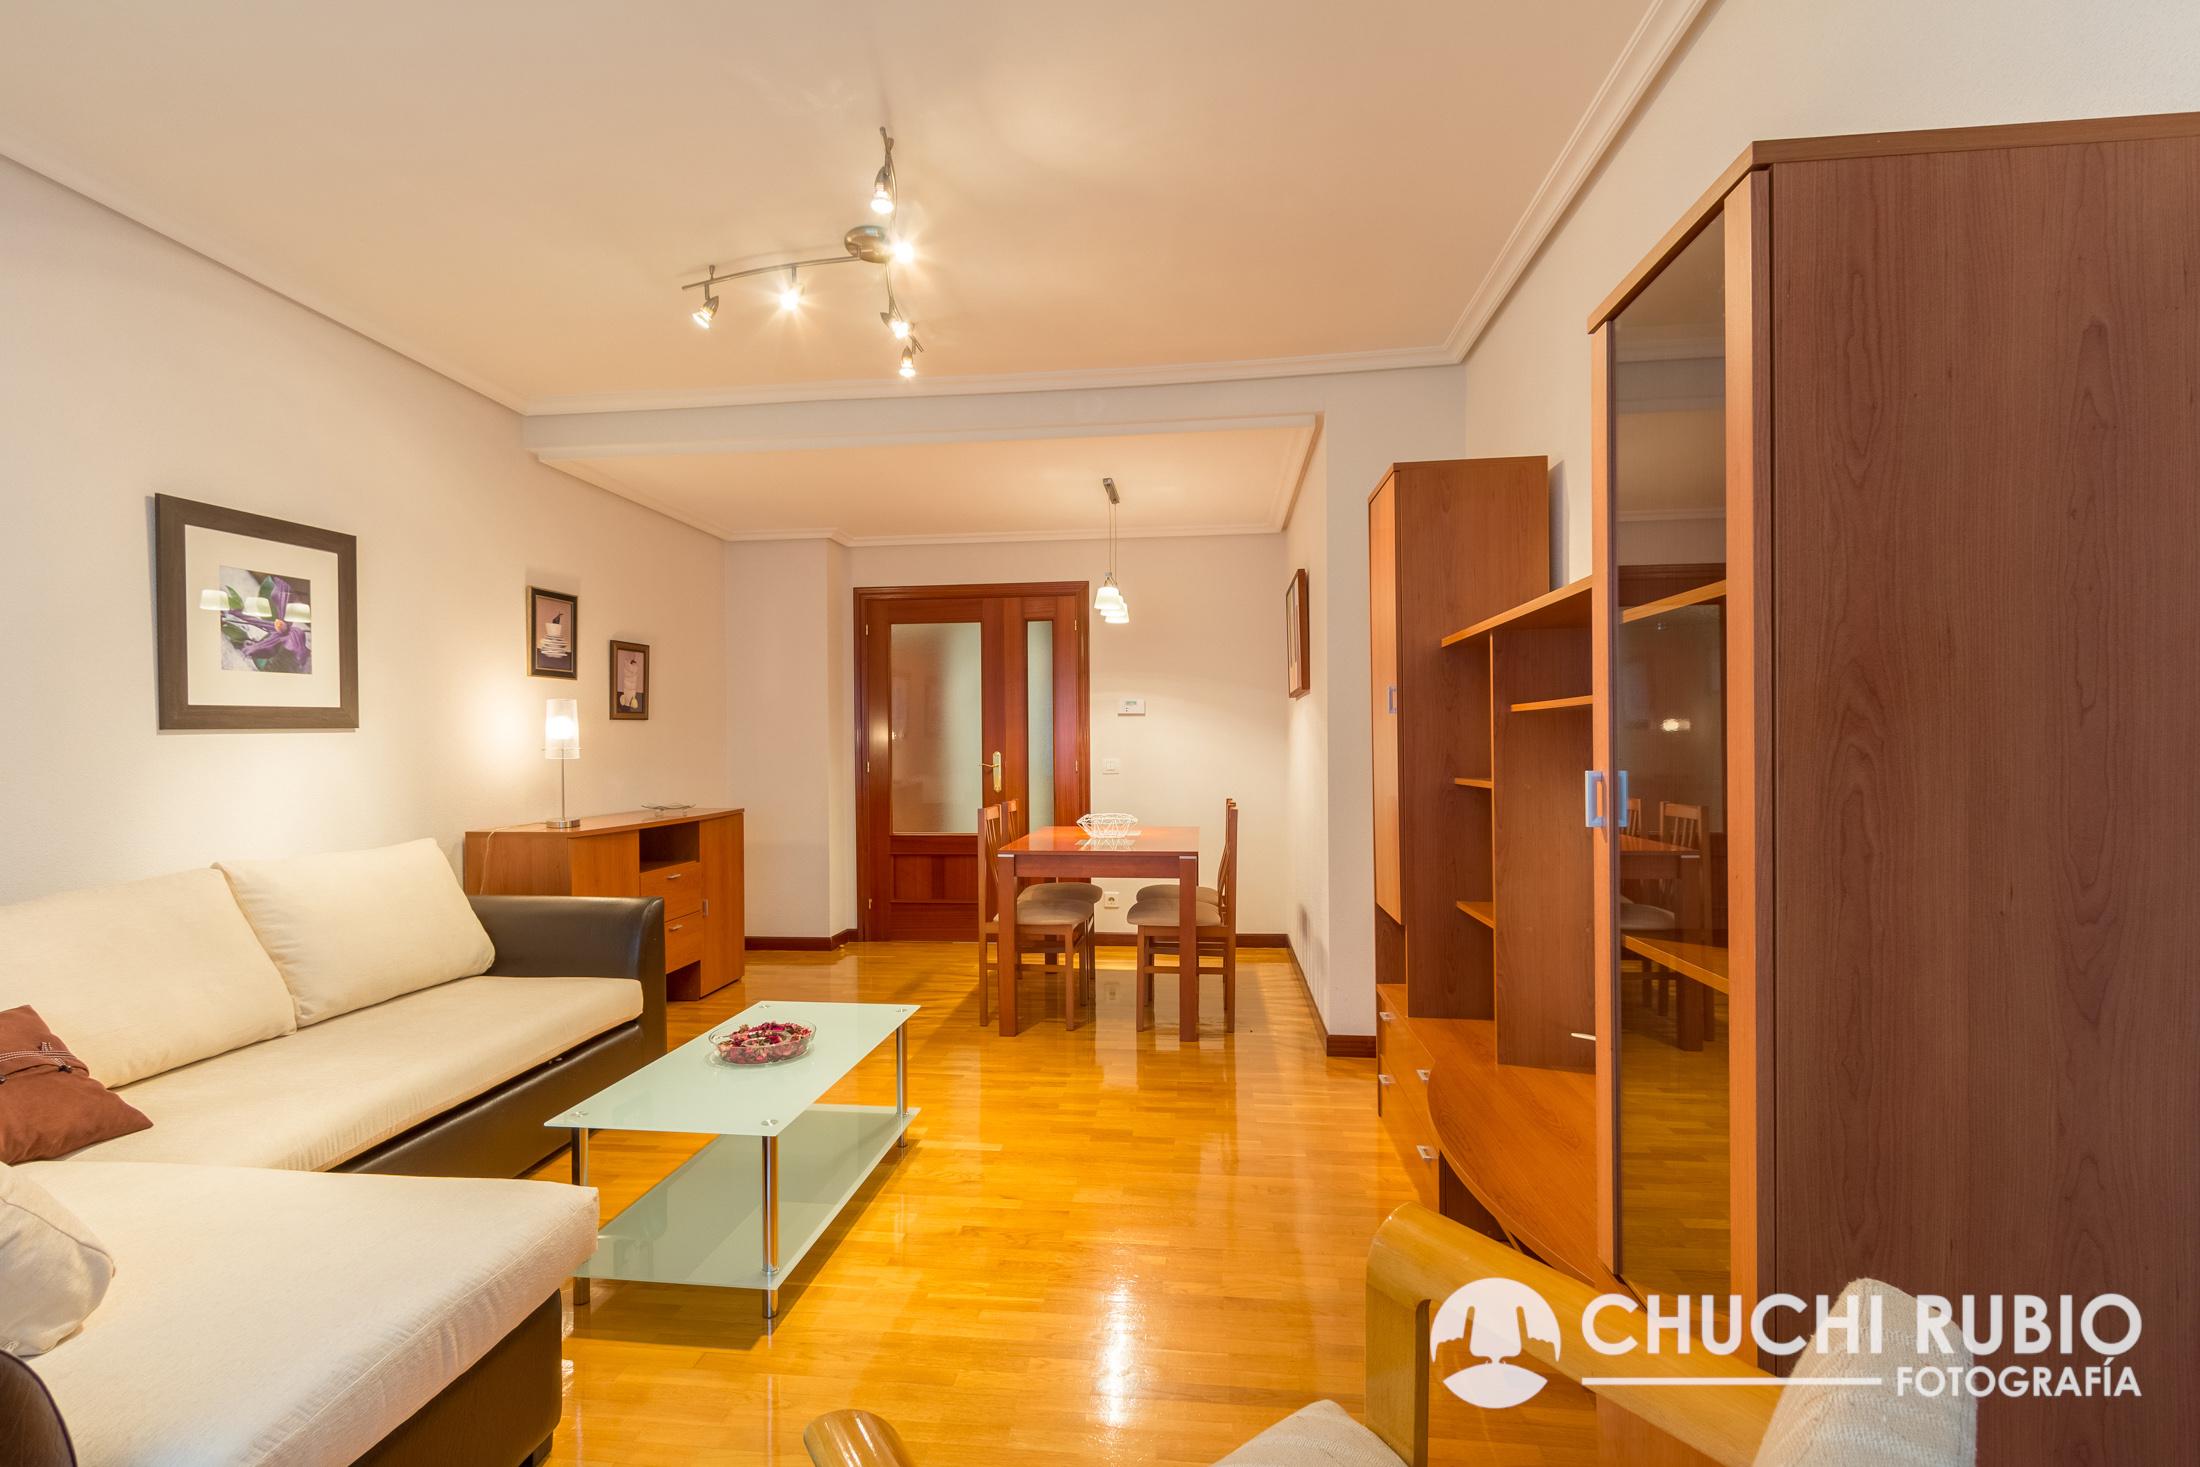 IMG 1001 HDR - Fotografía para Inmobiliarias, venta de pisos, locales...